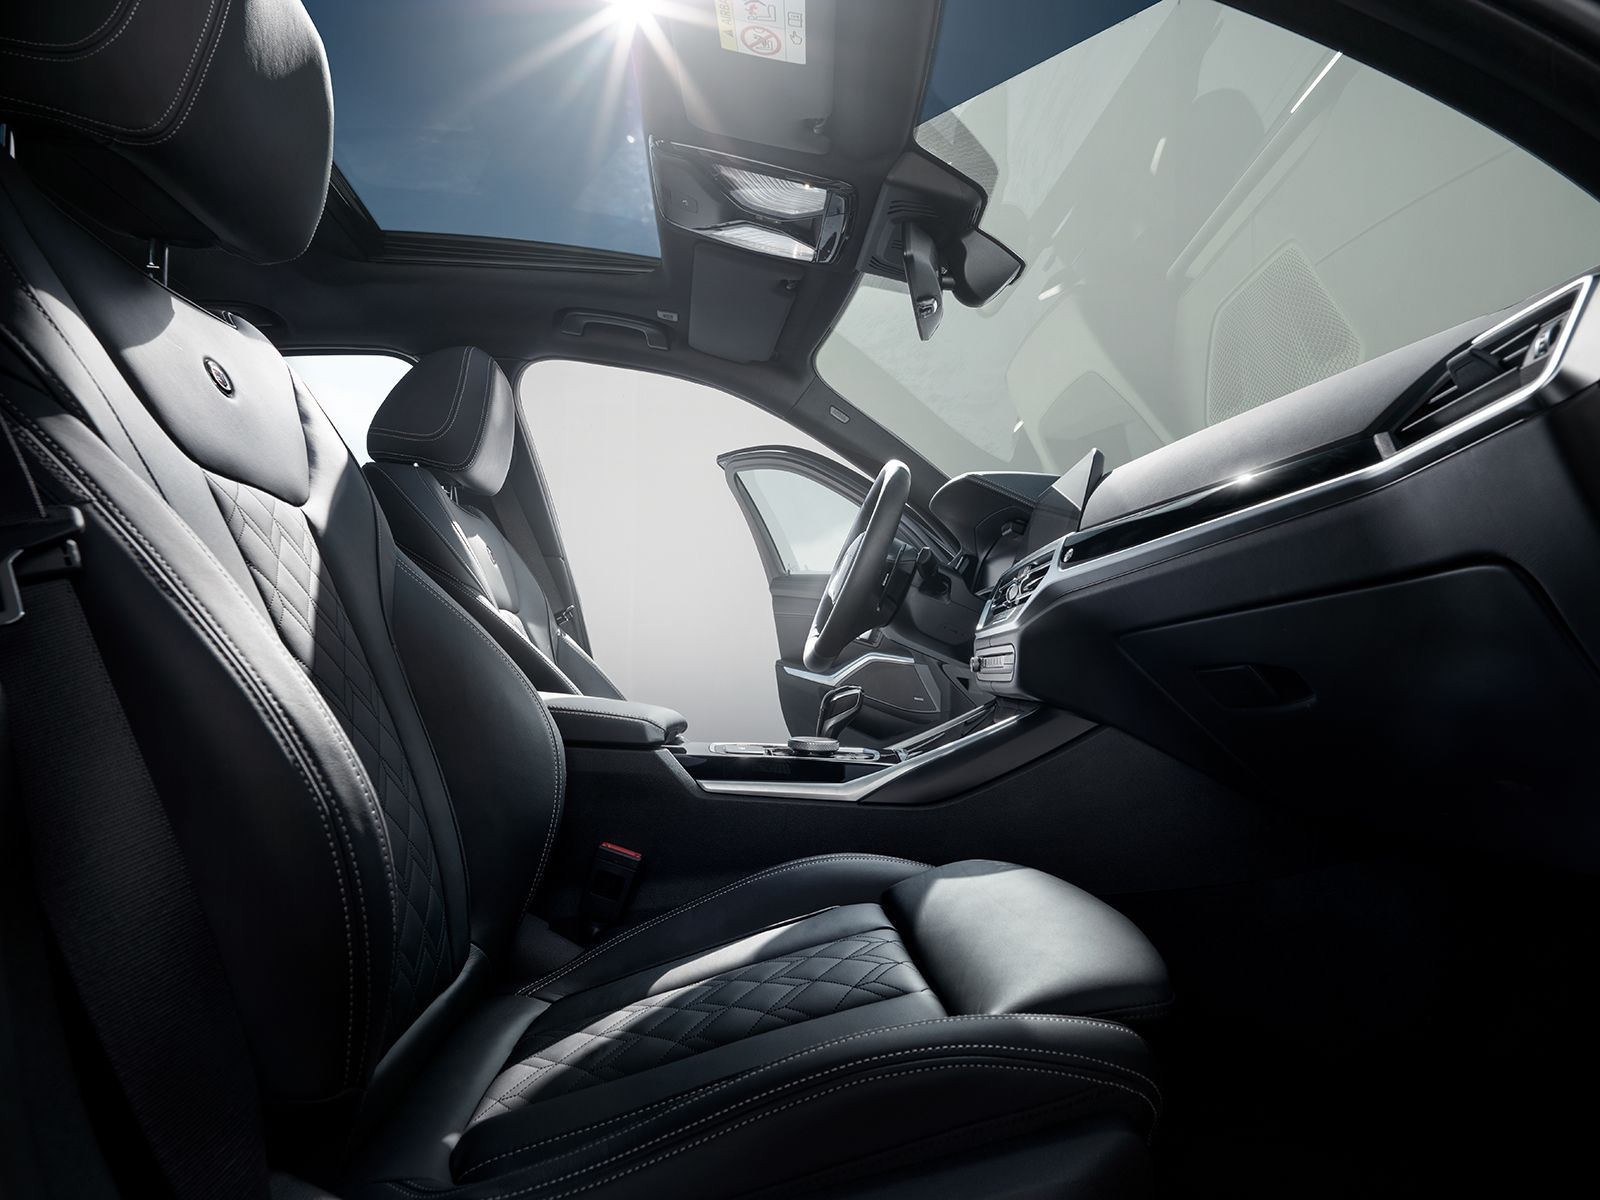 Naftová M3-ka. Aj tak by sa dalo označiť vyšperkované 3-kové BMW od Alpiny